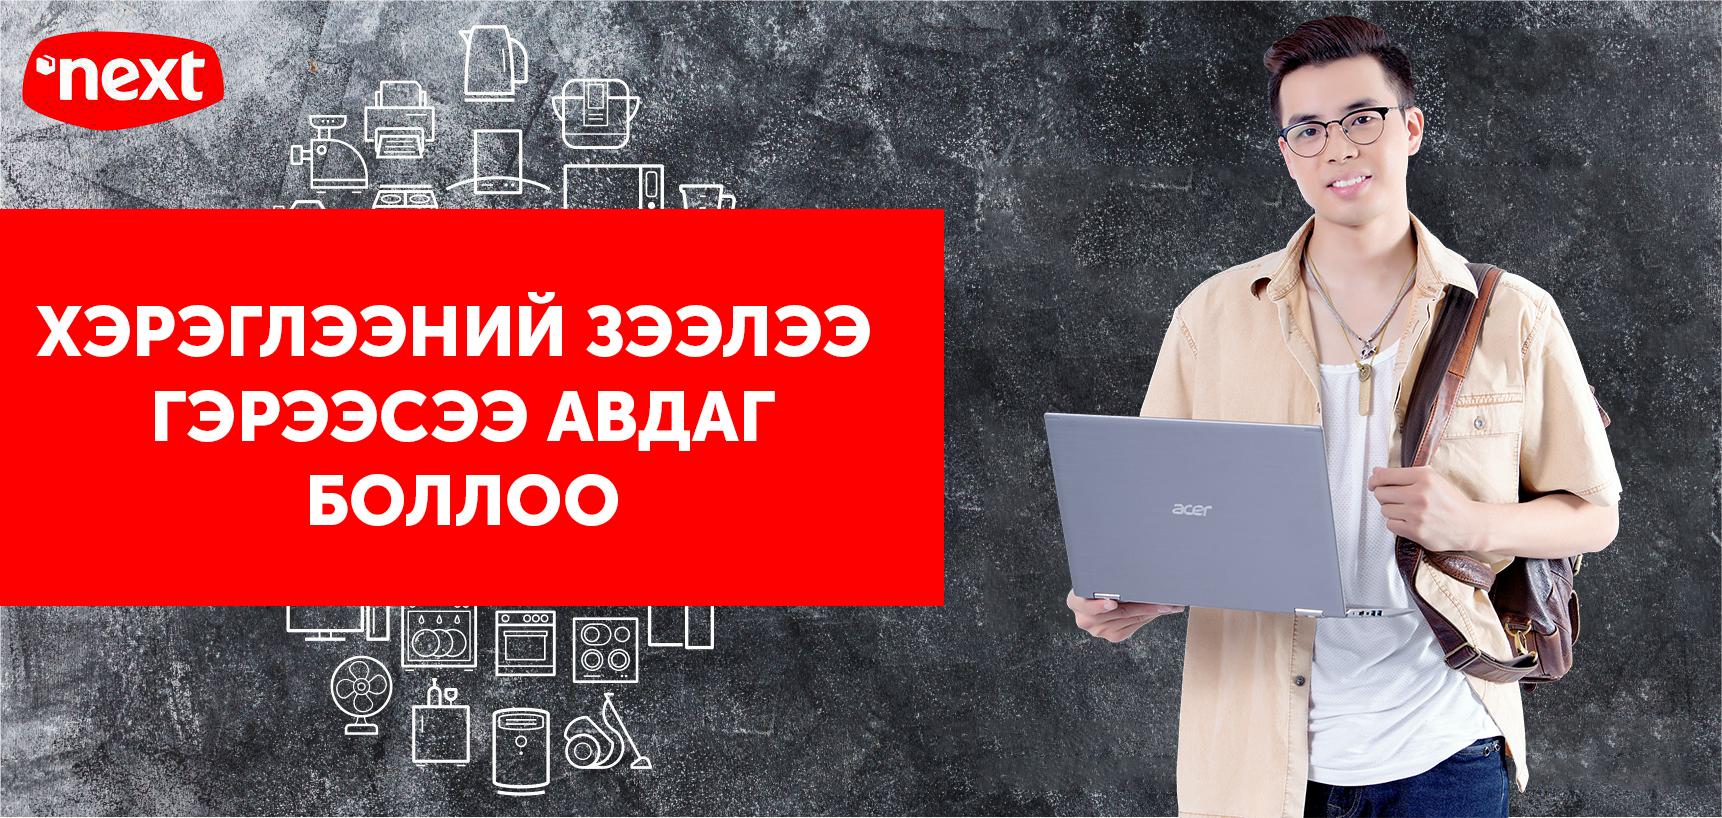 1-4 Хэрэглээний онлайн зээл олгодог вэб сайт нээгдлээ